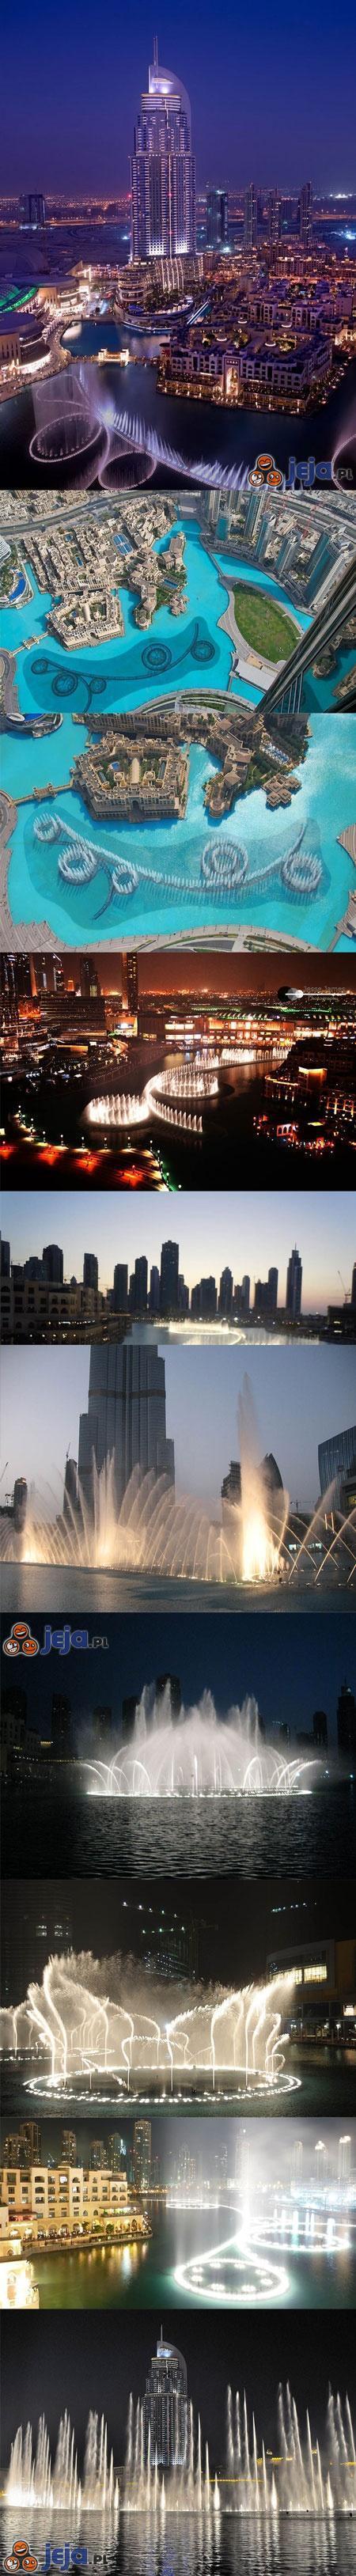 Wspaniałe fontanny Dubaju